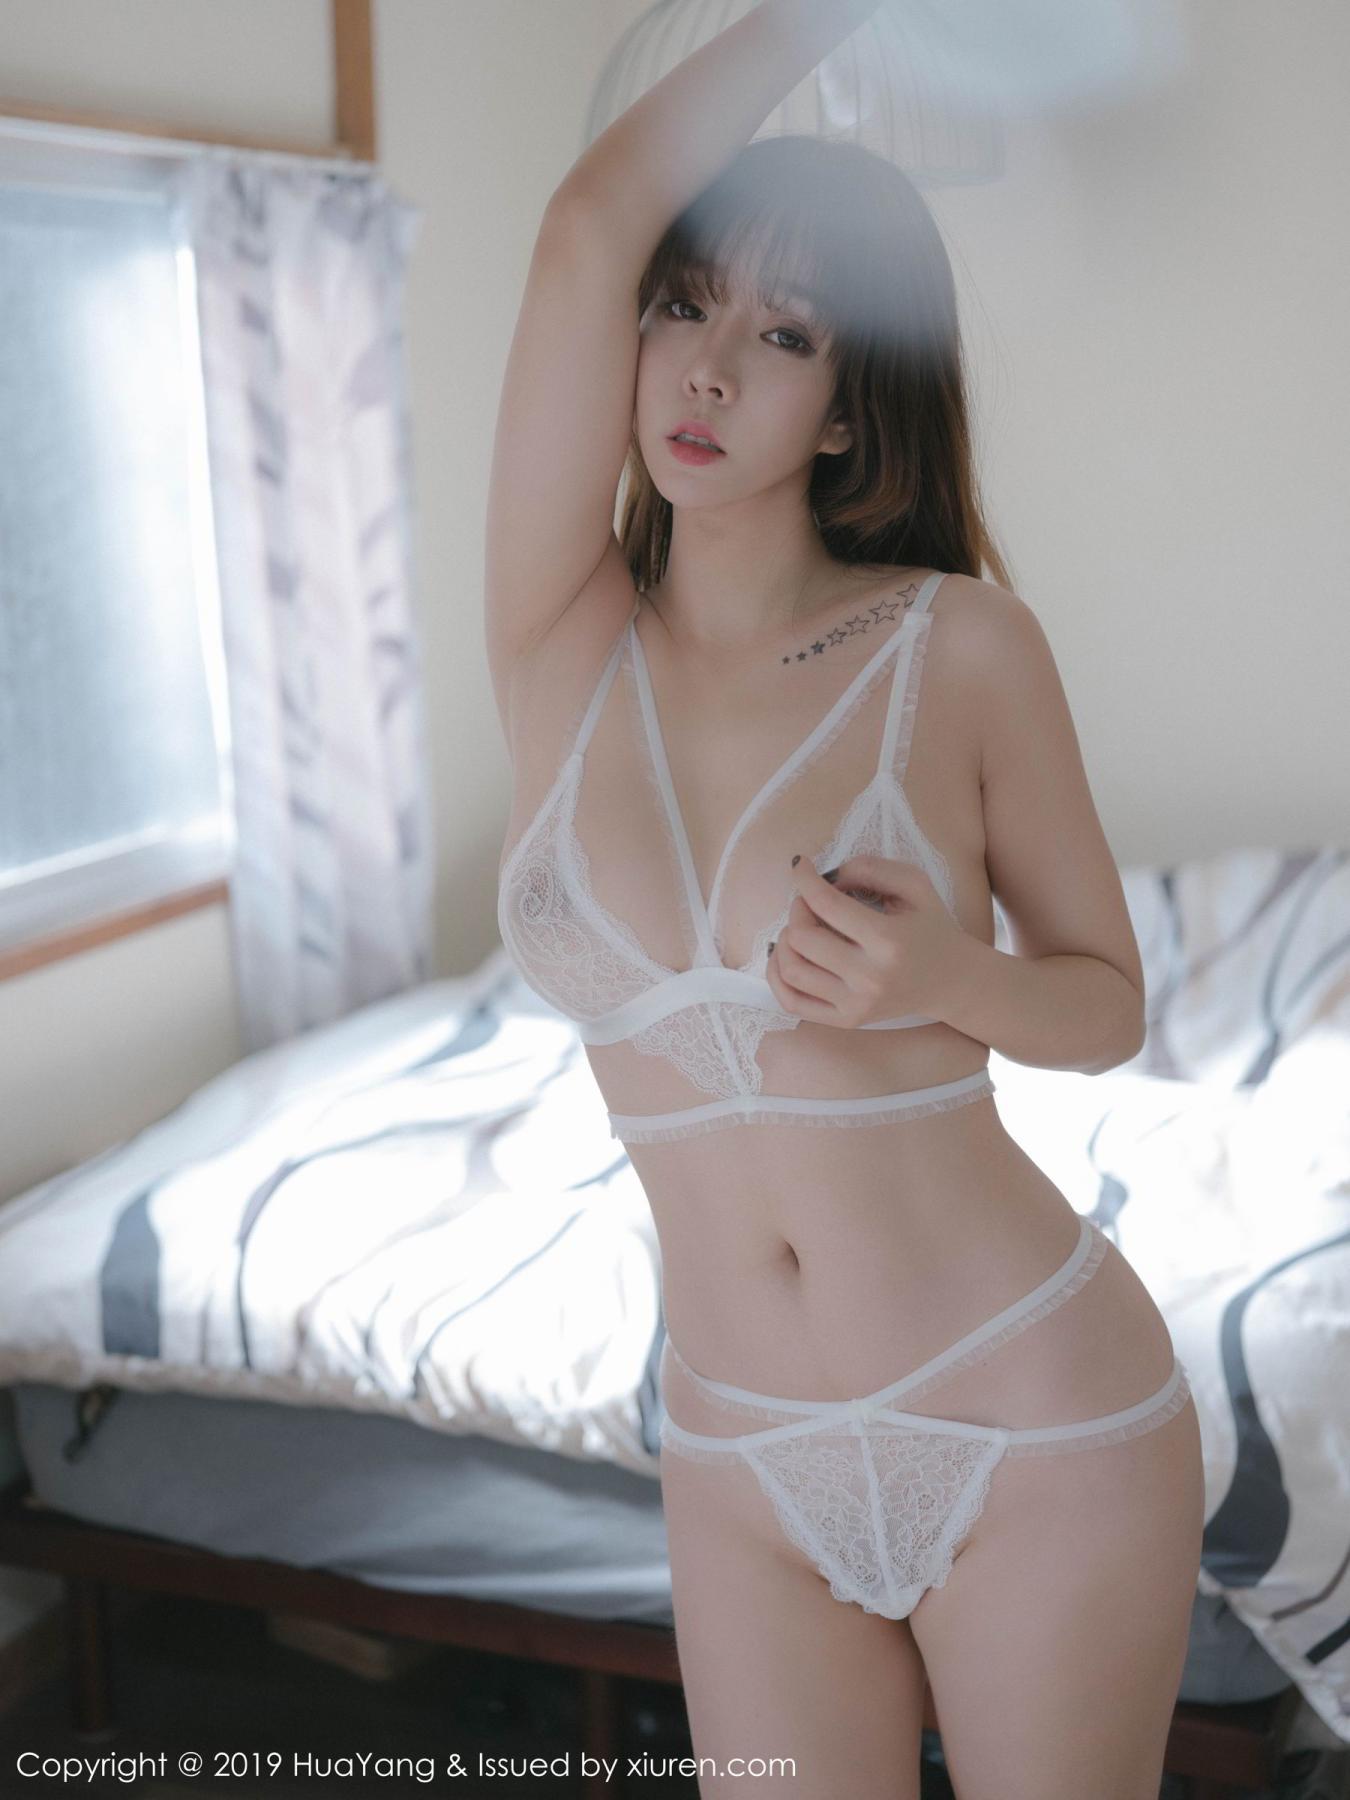 [Huayang] Vol.120 Wang Yu Chun 10P, Adult, Big Booty, HuaYang, Underwear, Wang Yu Chun